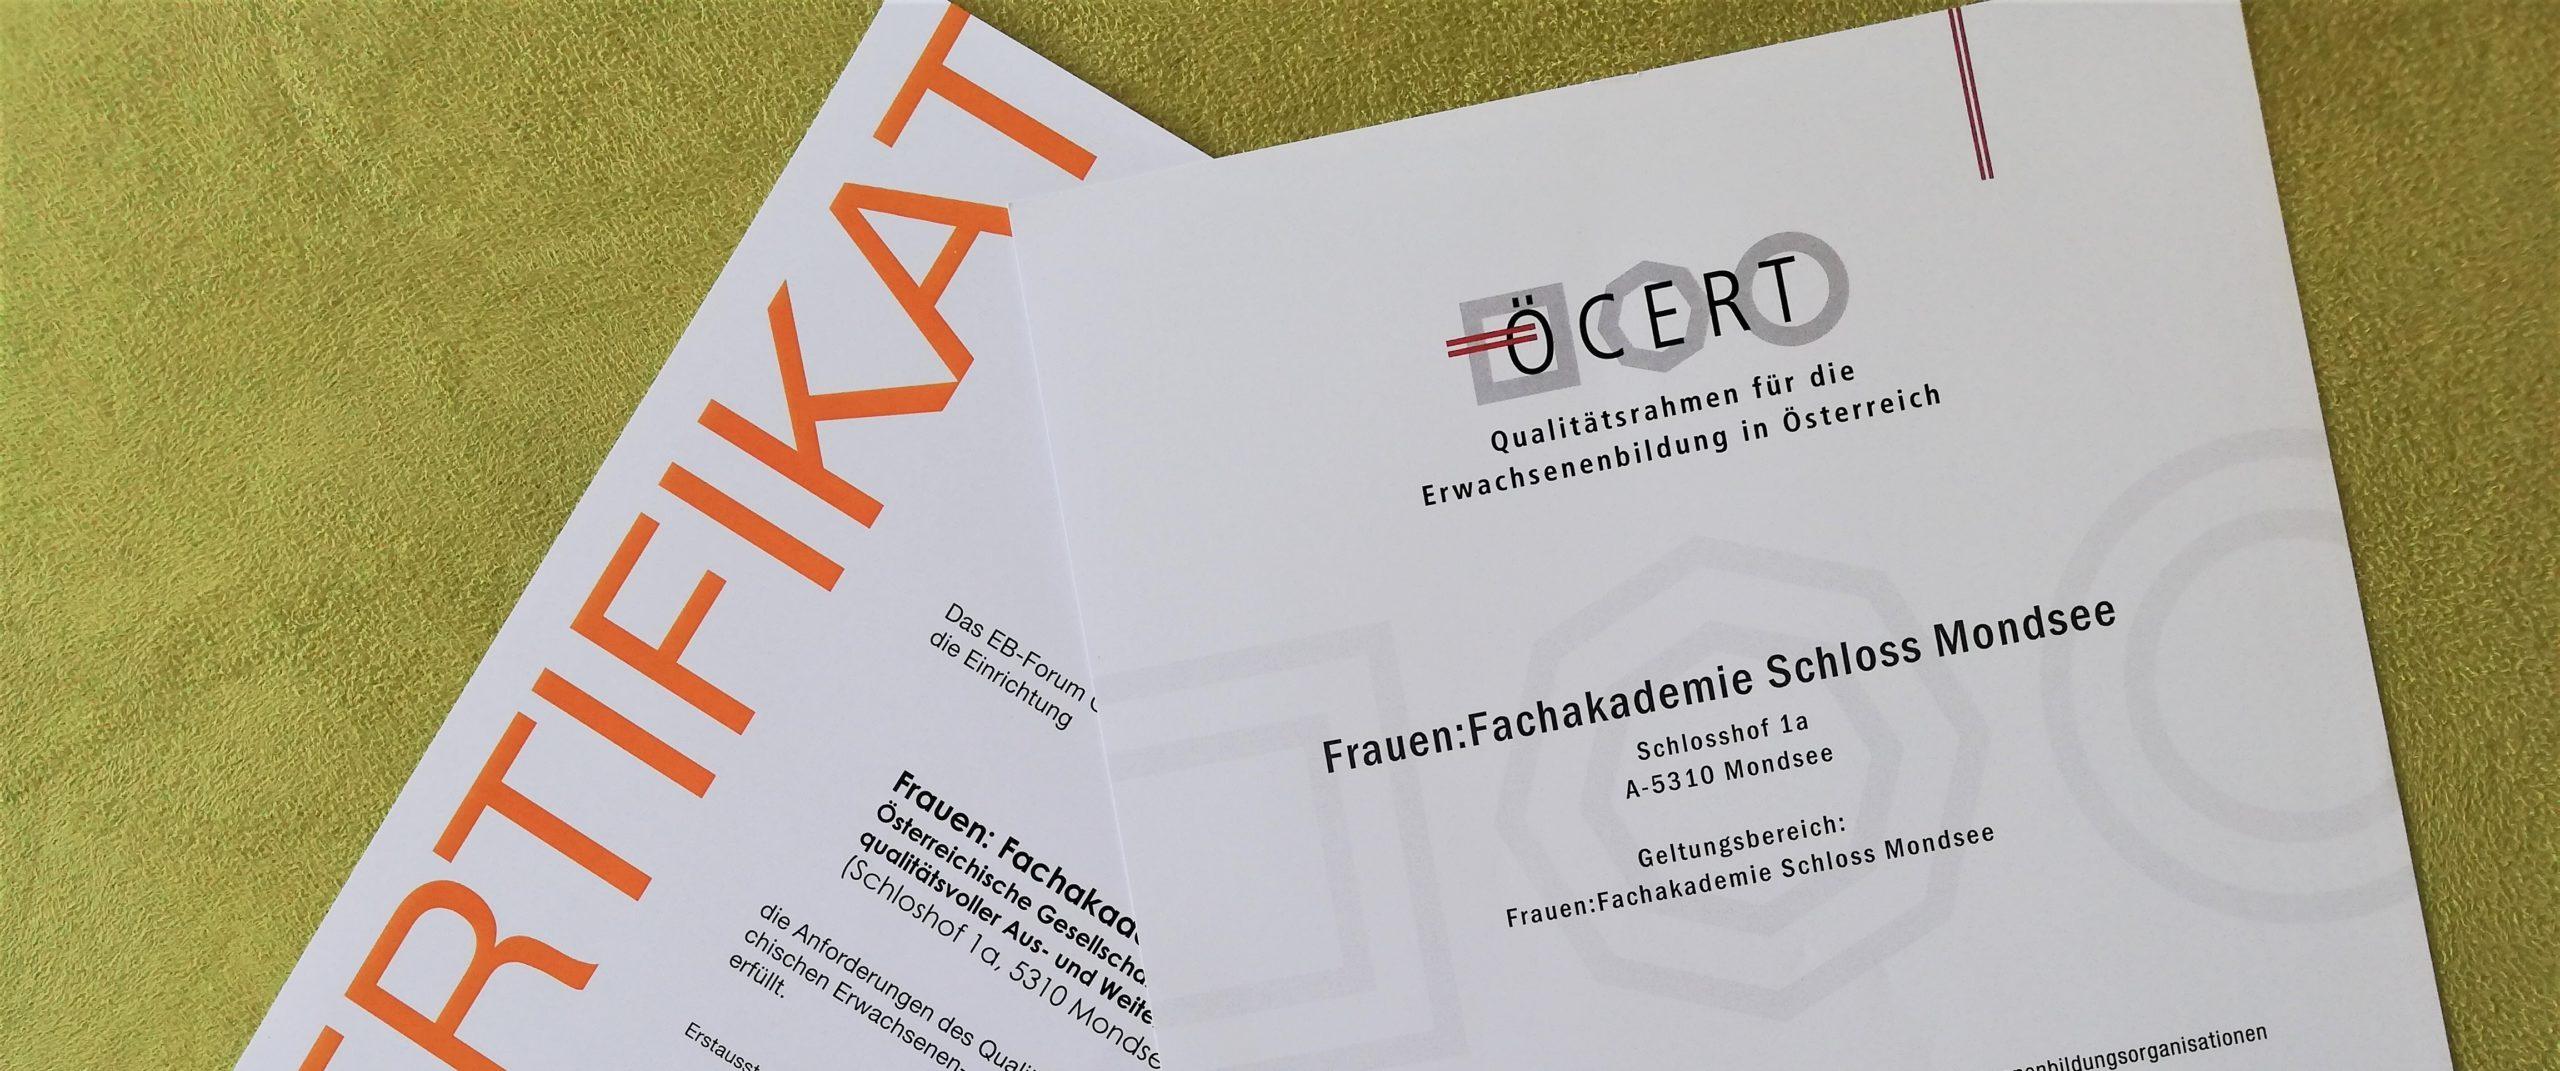 Zertifikat von ÖCERT und Forum Weiterbildung